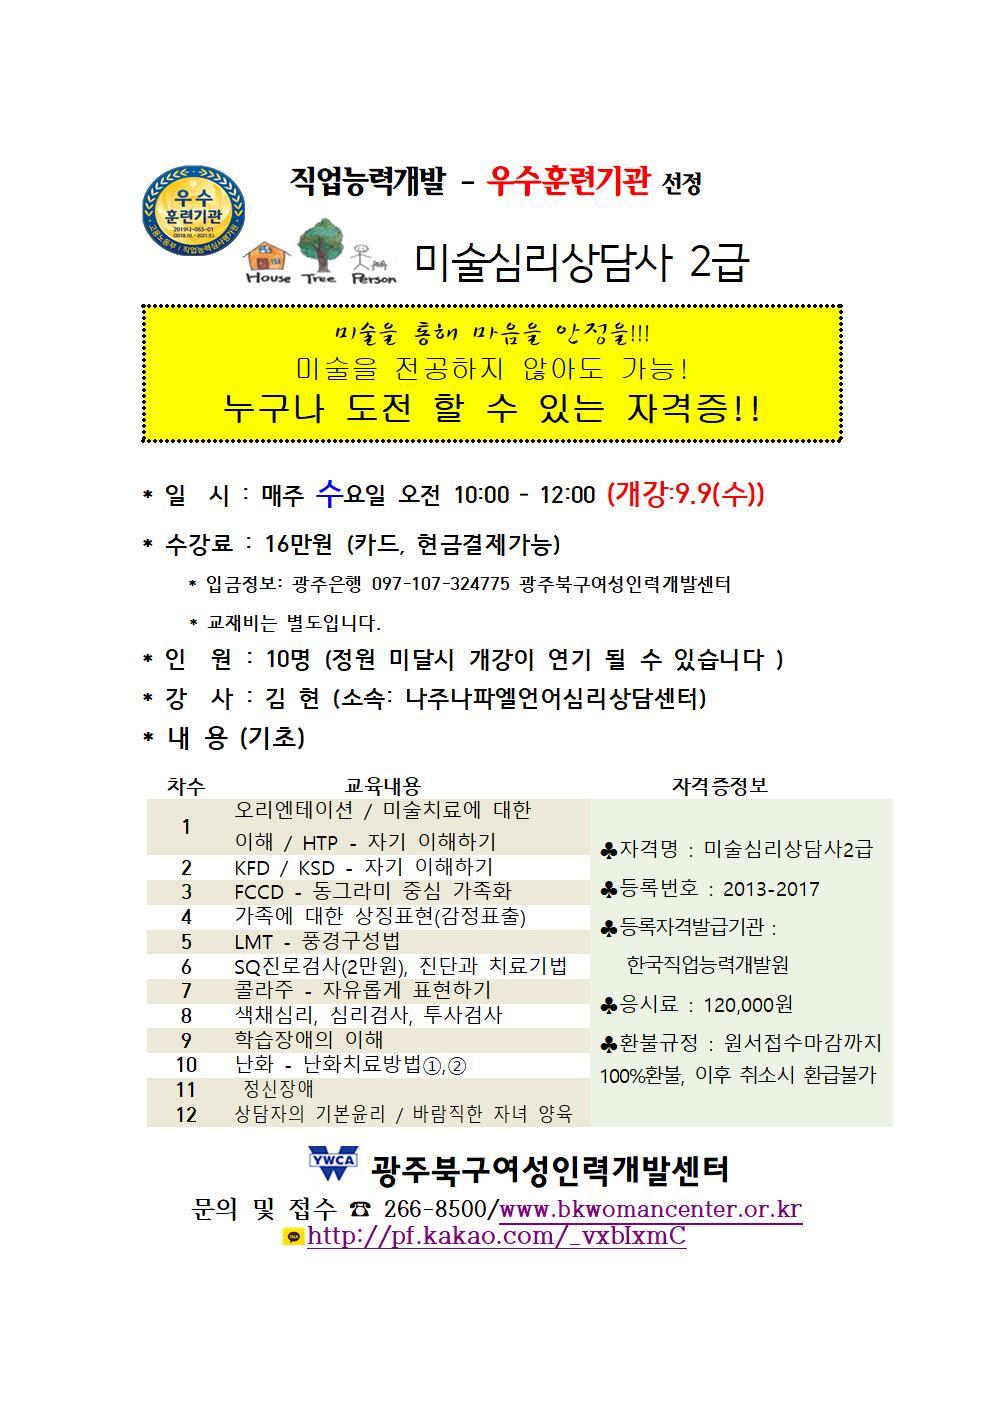 20-2 미술심리상담사 전단지-9